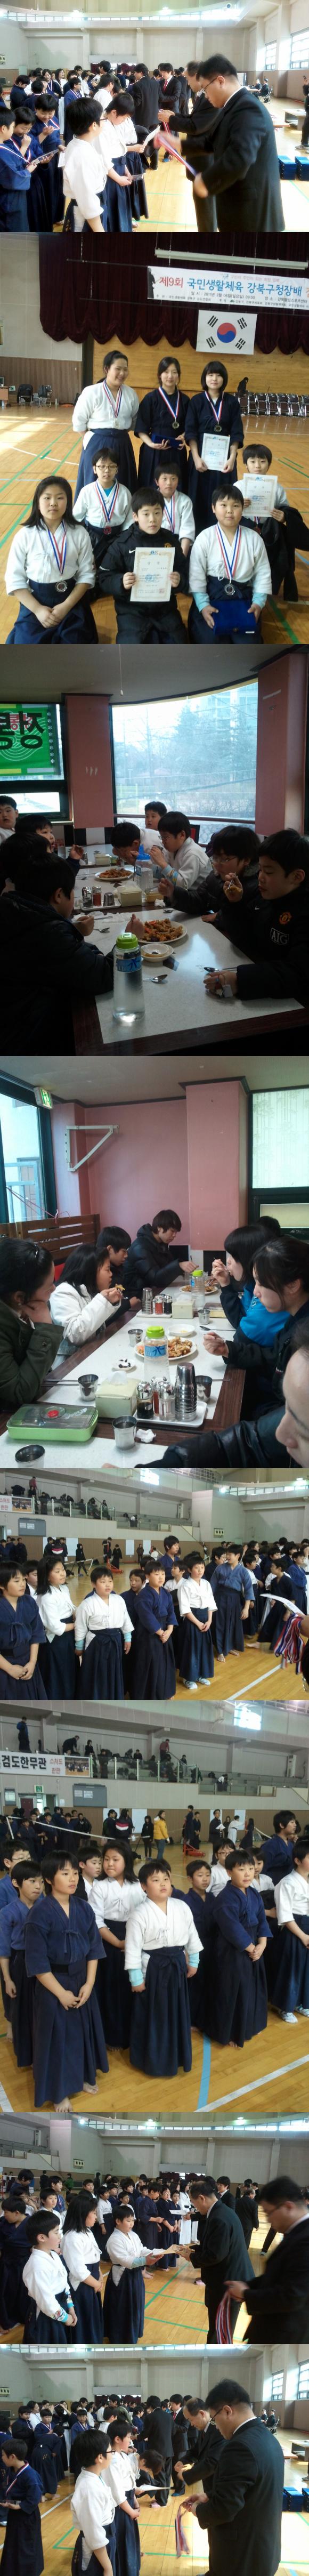 2011.3.6. 강북구청장기 검도대회 입상및 식사.jpg